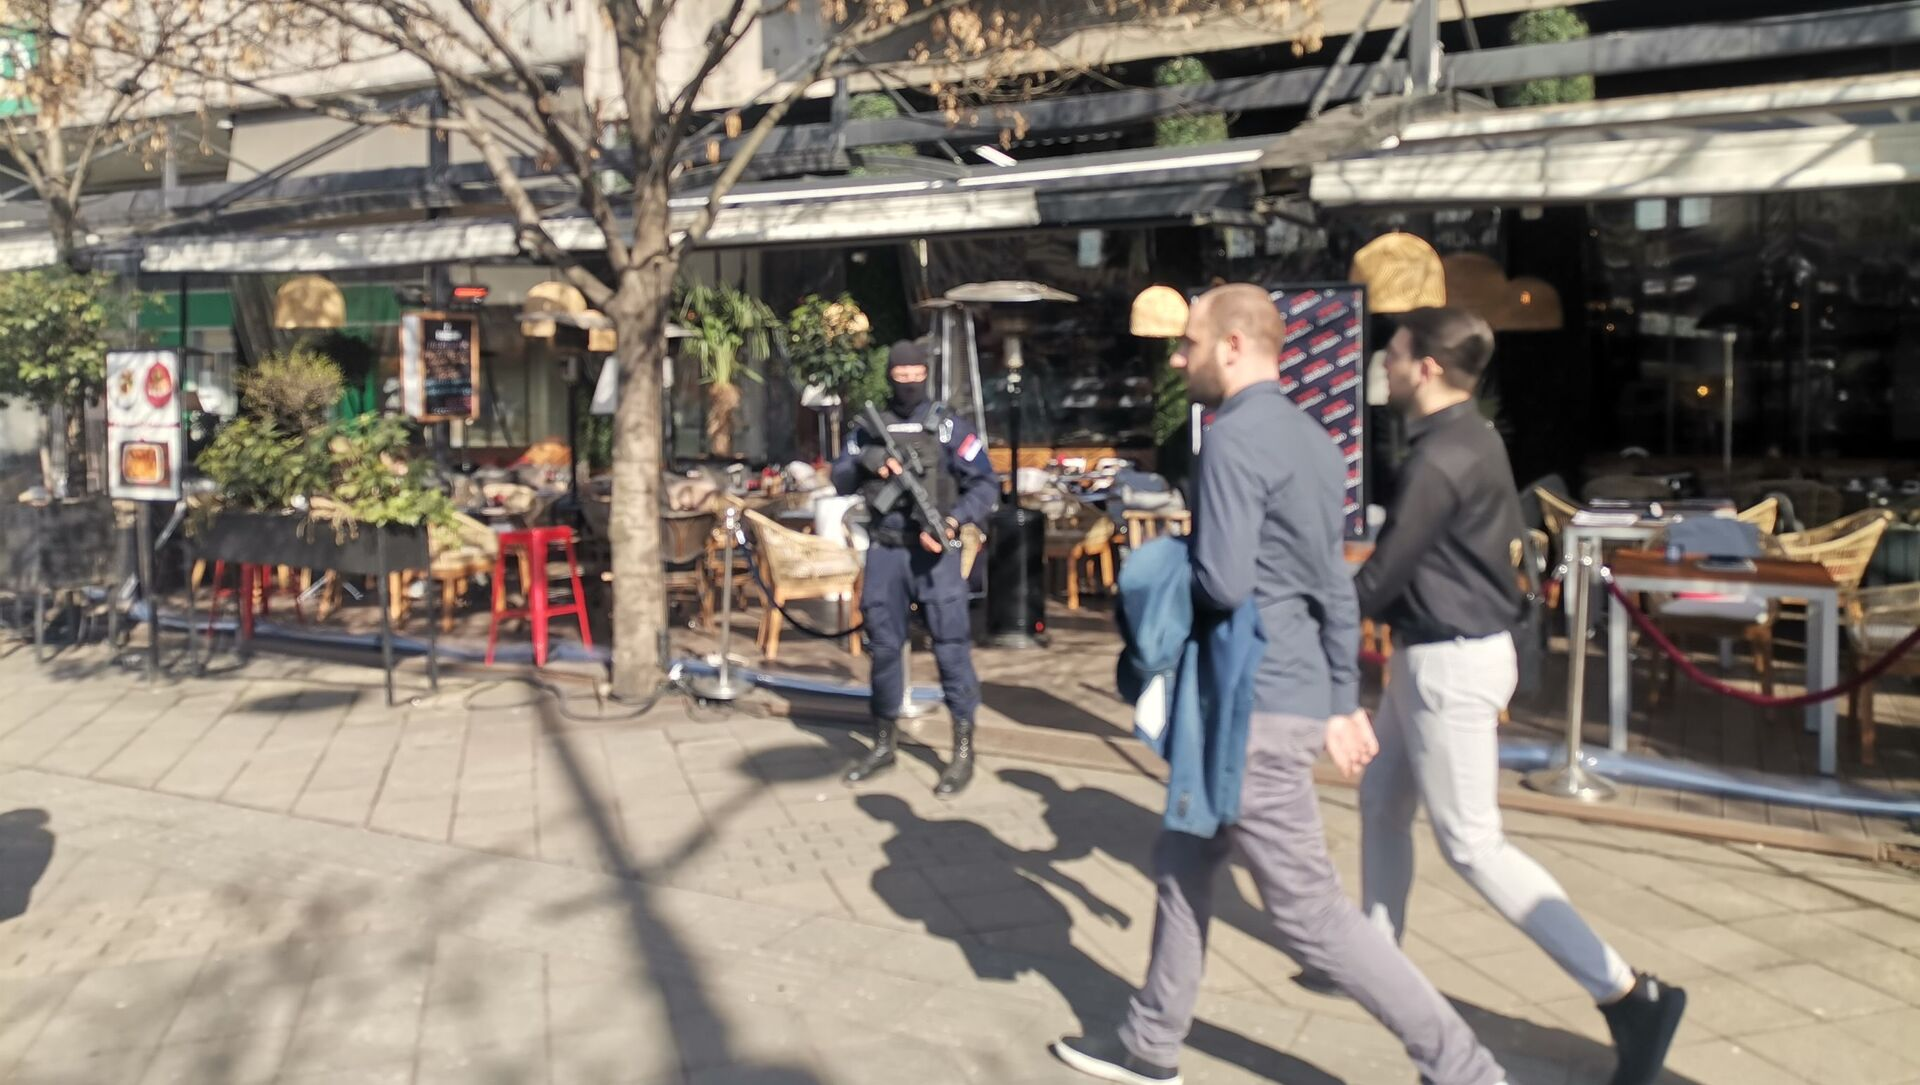 Грађани пролазе док је у познатом кафићу у центру у току акција полиције - Sputnik Србија, 1920, 26.02.2021